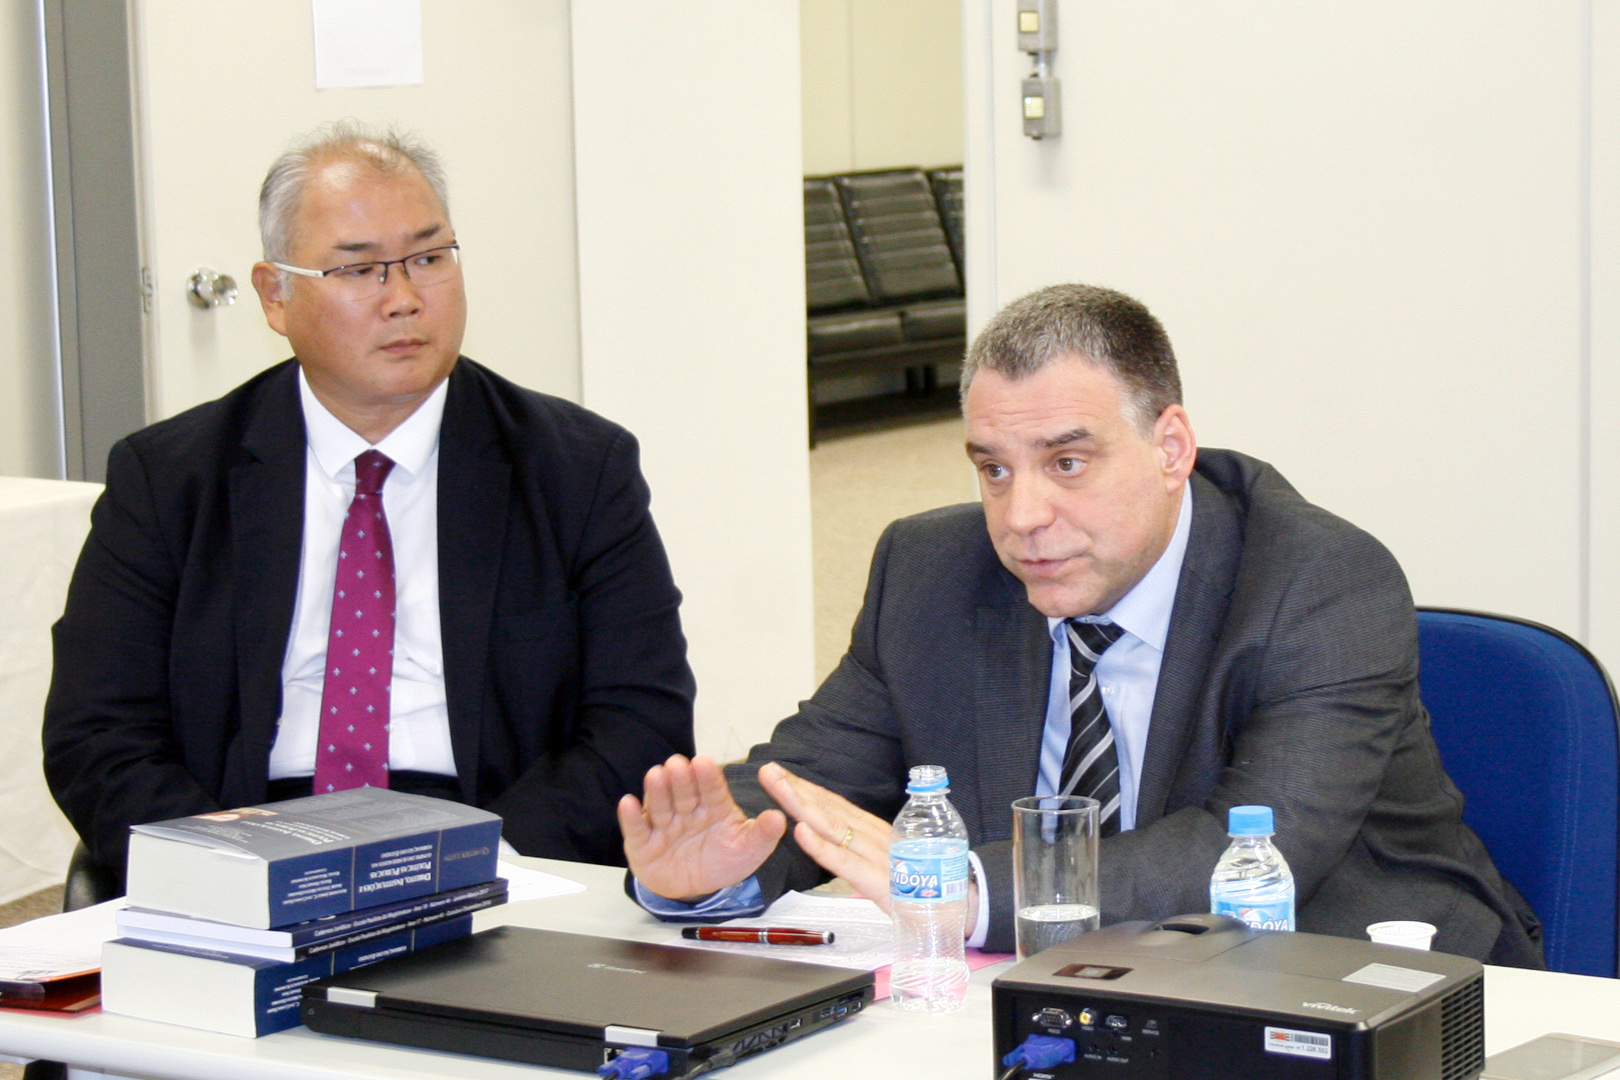 Núcleo de Estudos em Direito Constitucional retoma atividades